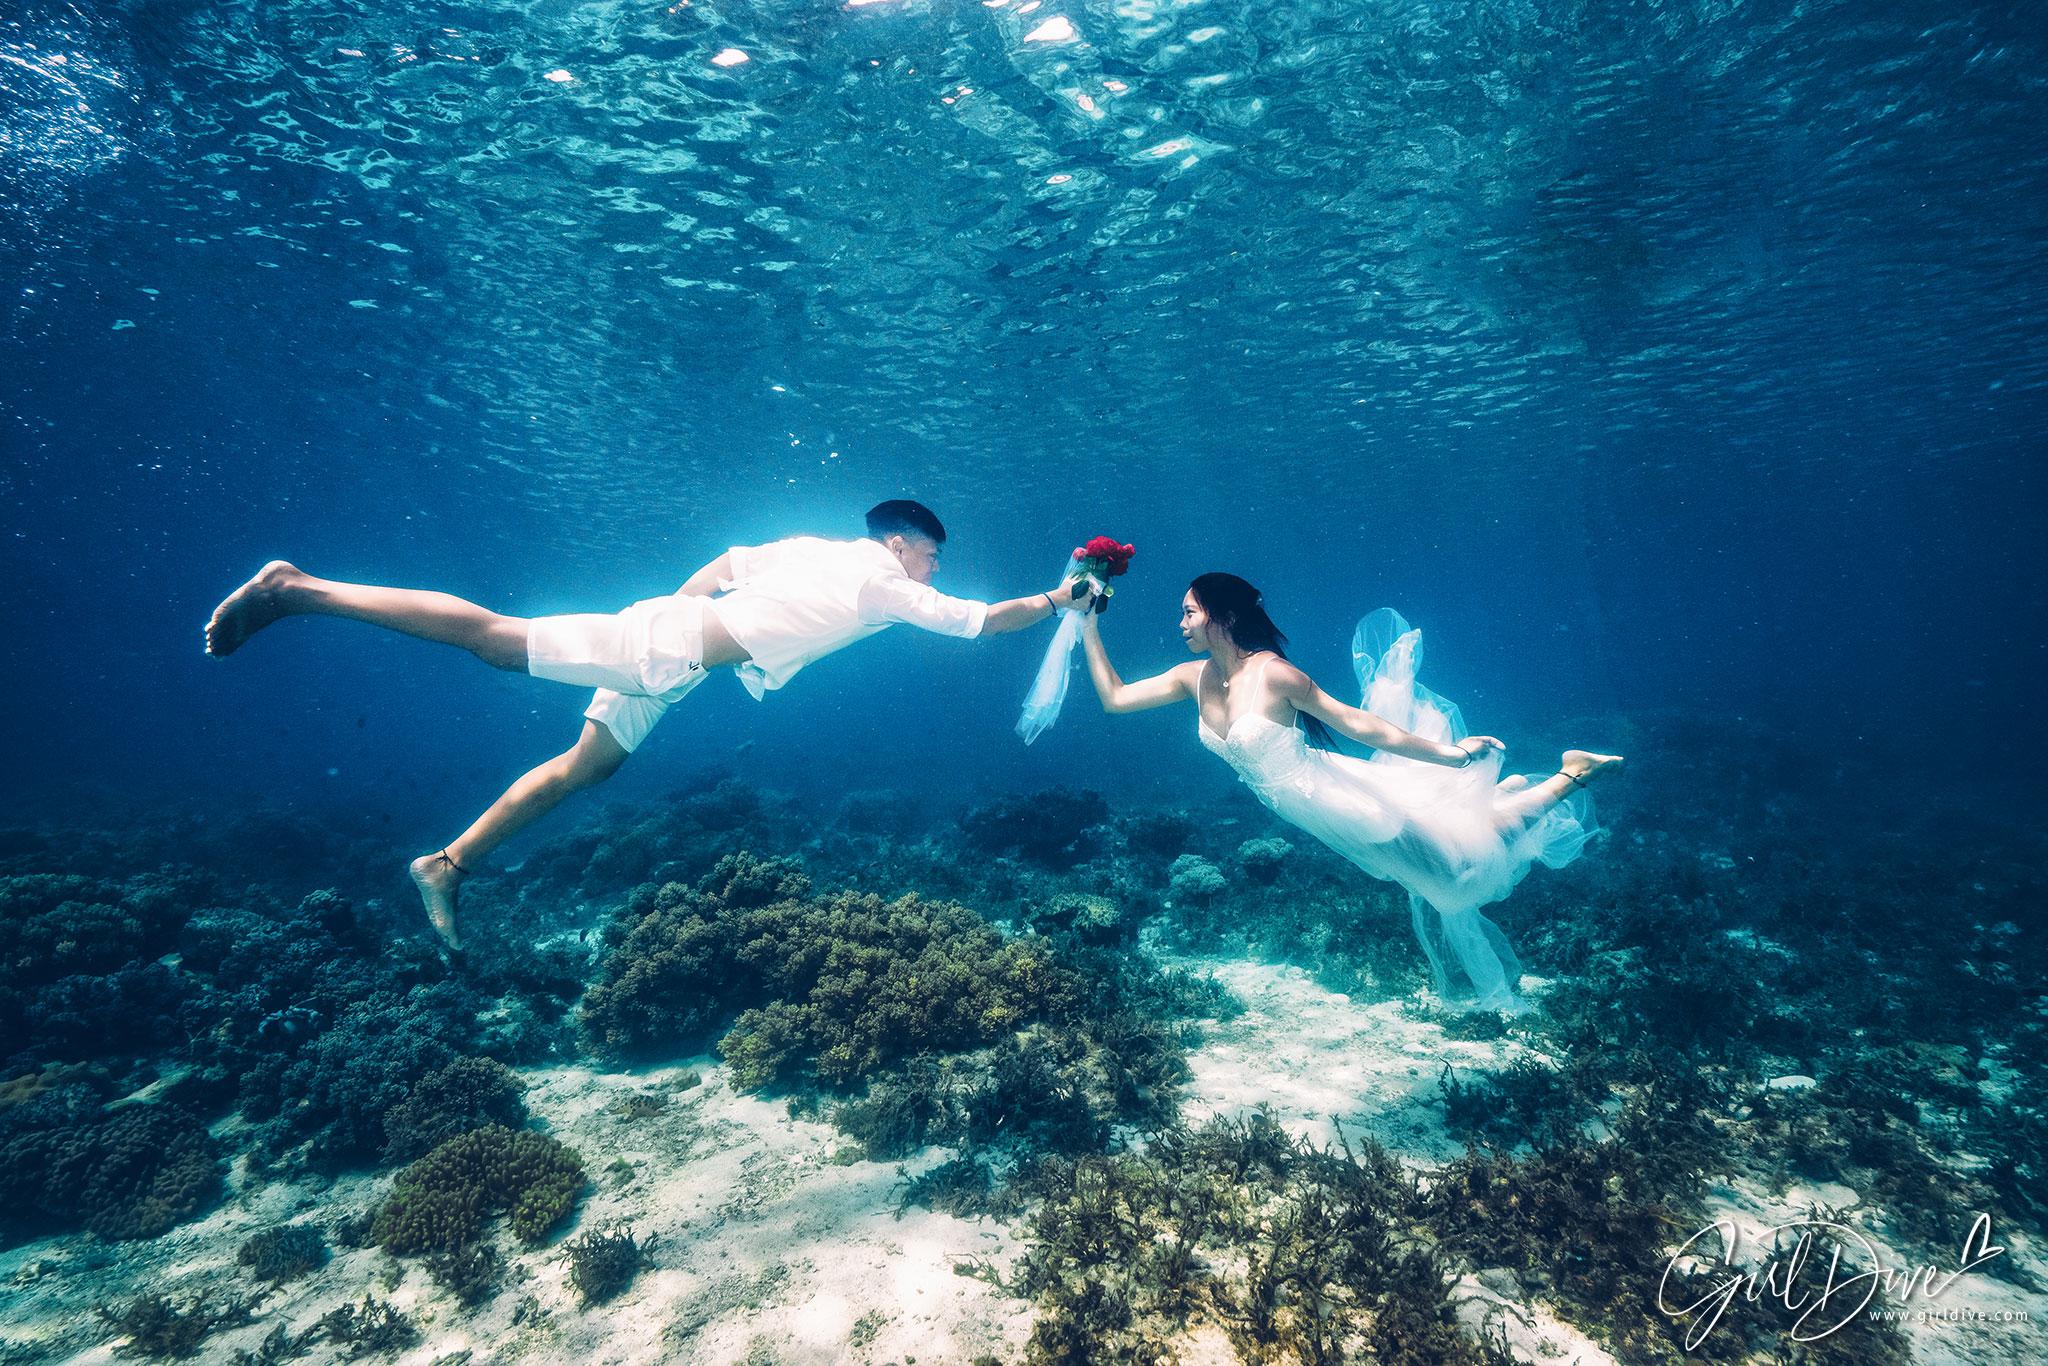 香港美人魚,墾丁,海外婚紗,水中婚紗,海底婚紗,人魚婚紗